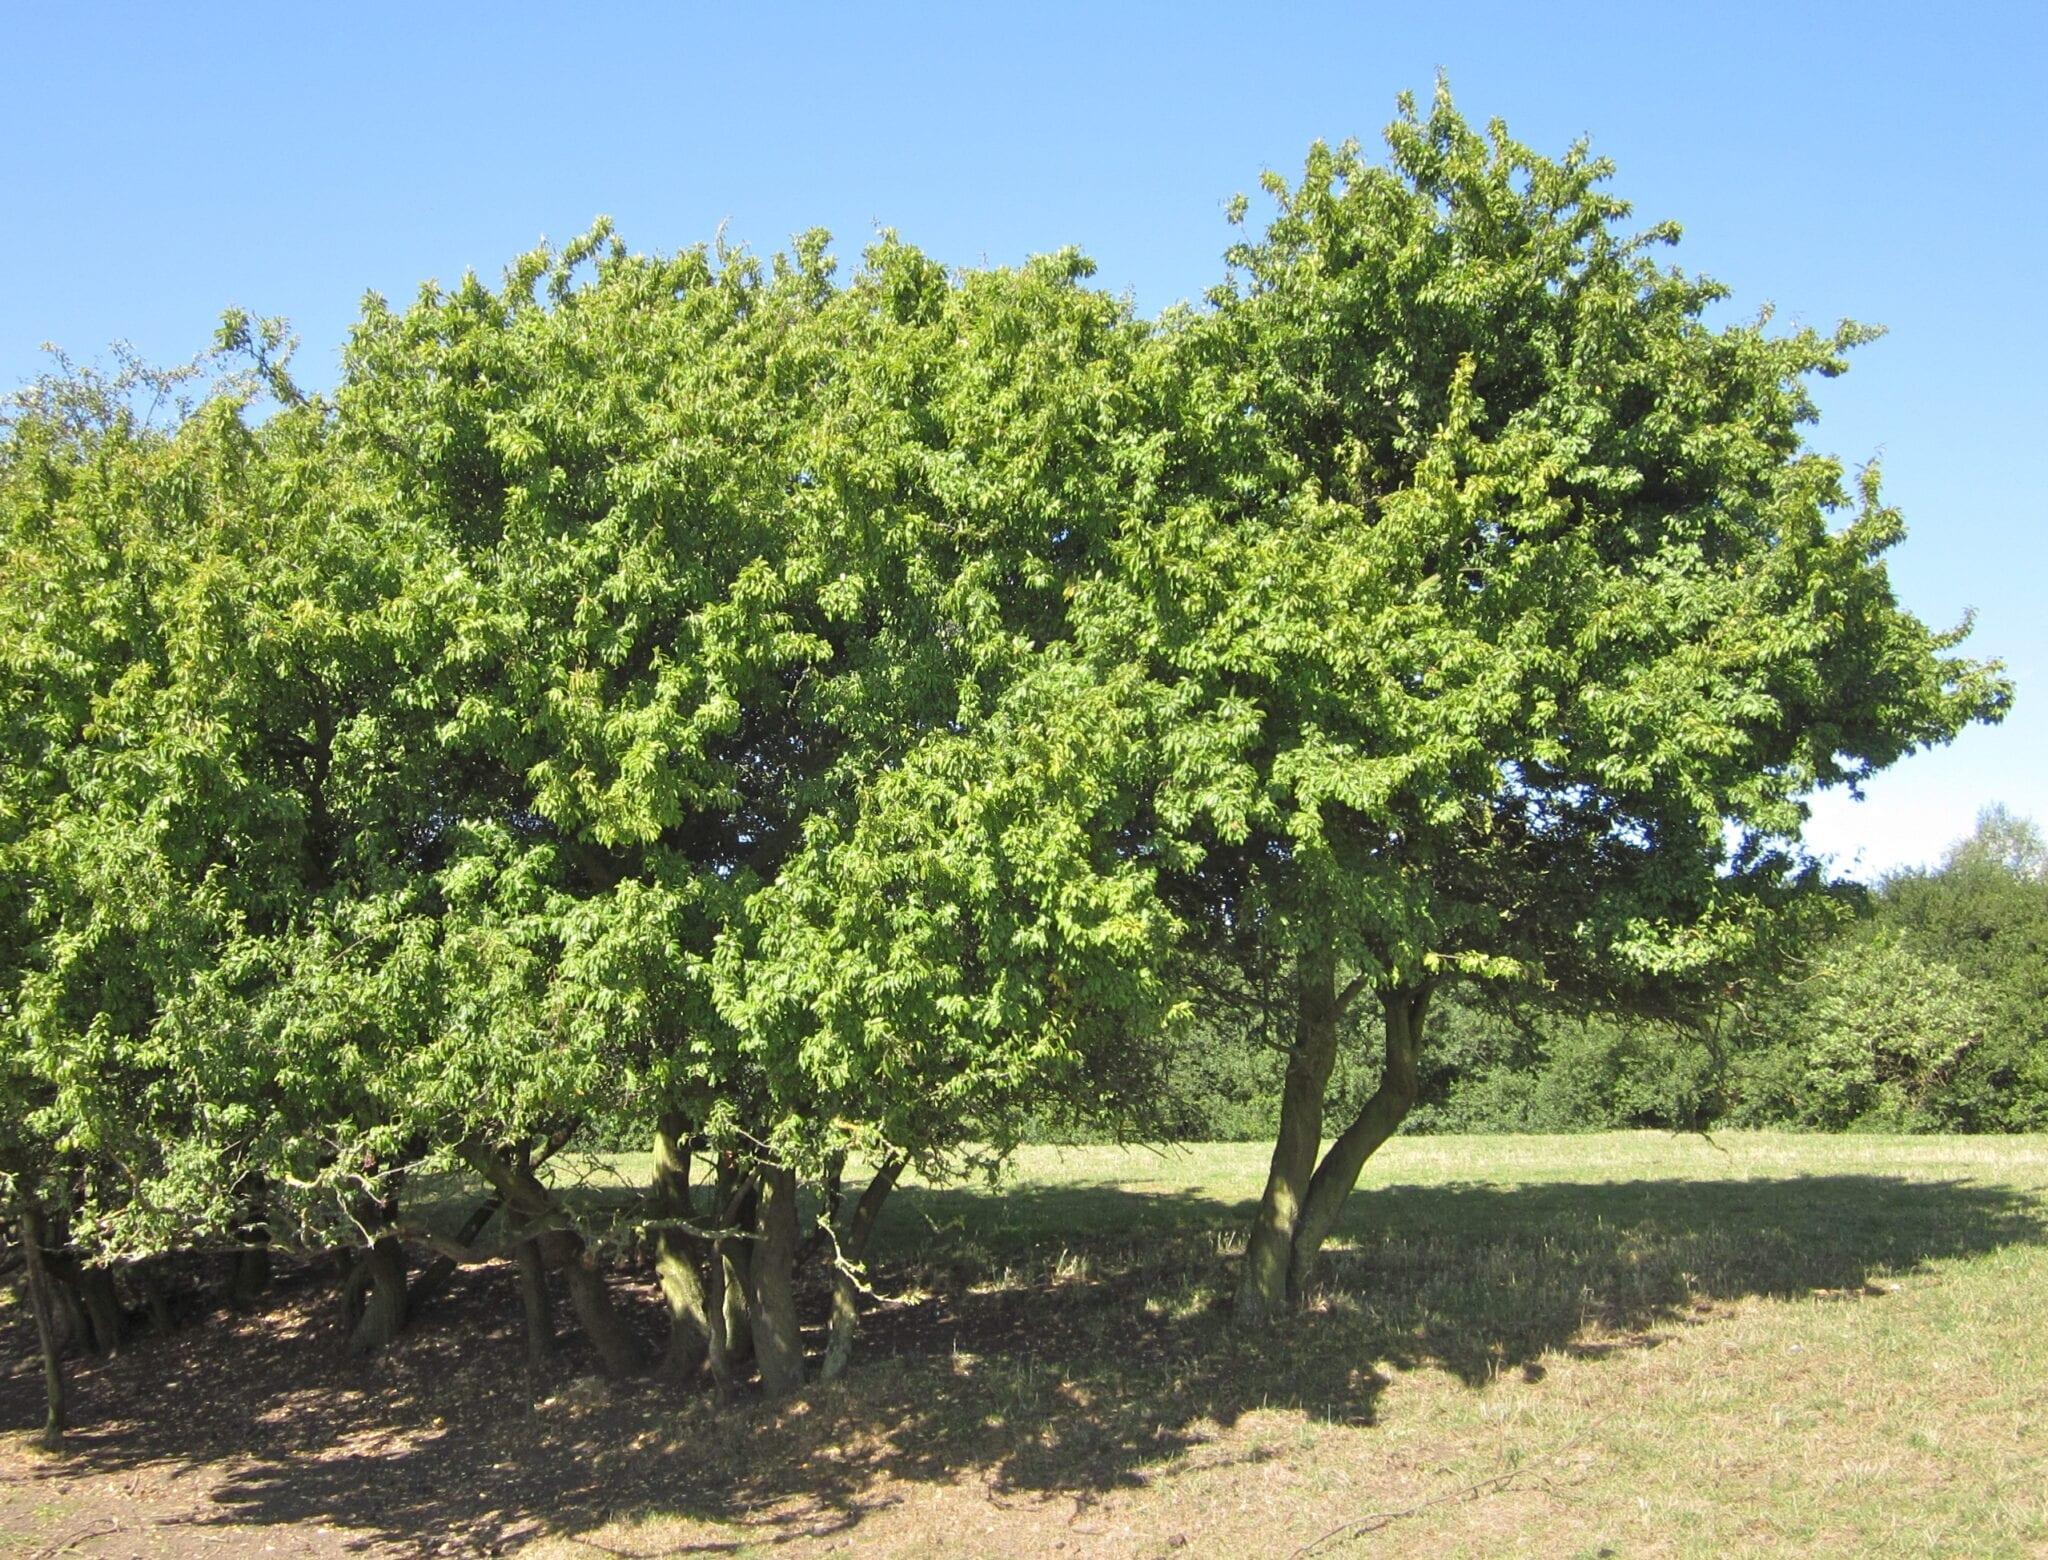 Blackthorn tree August